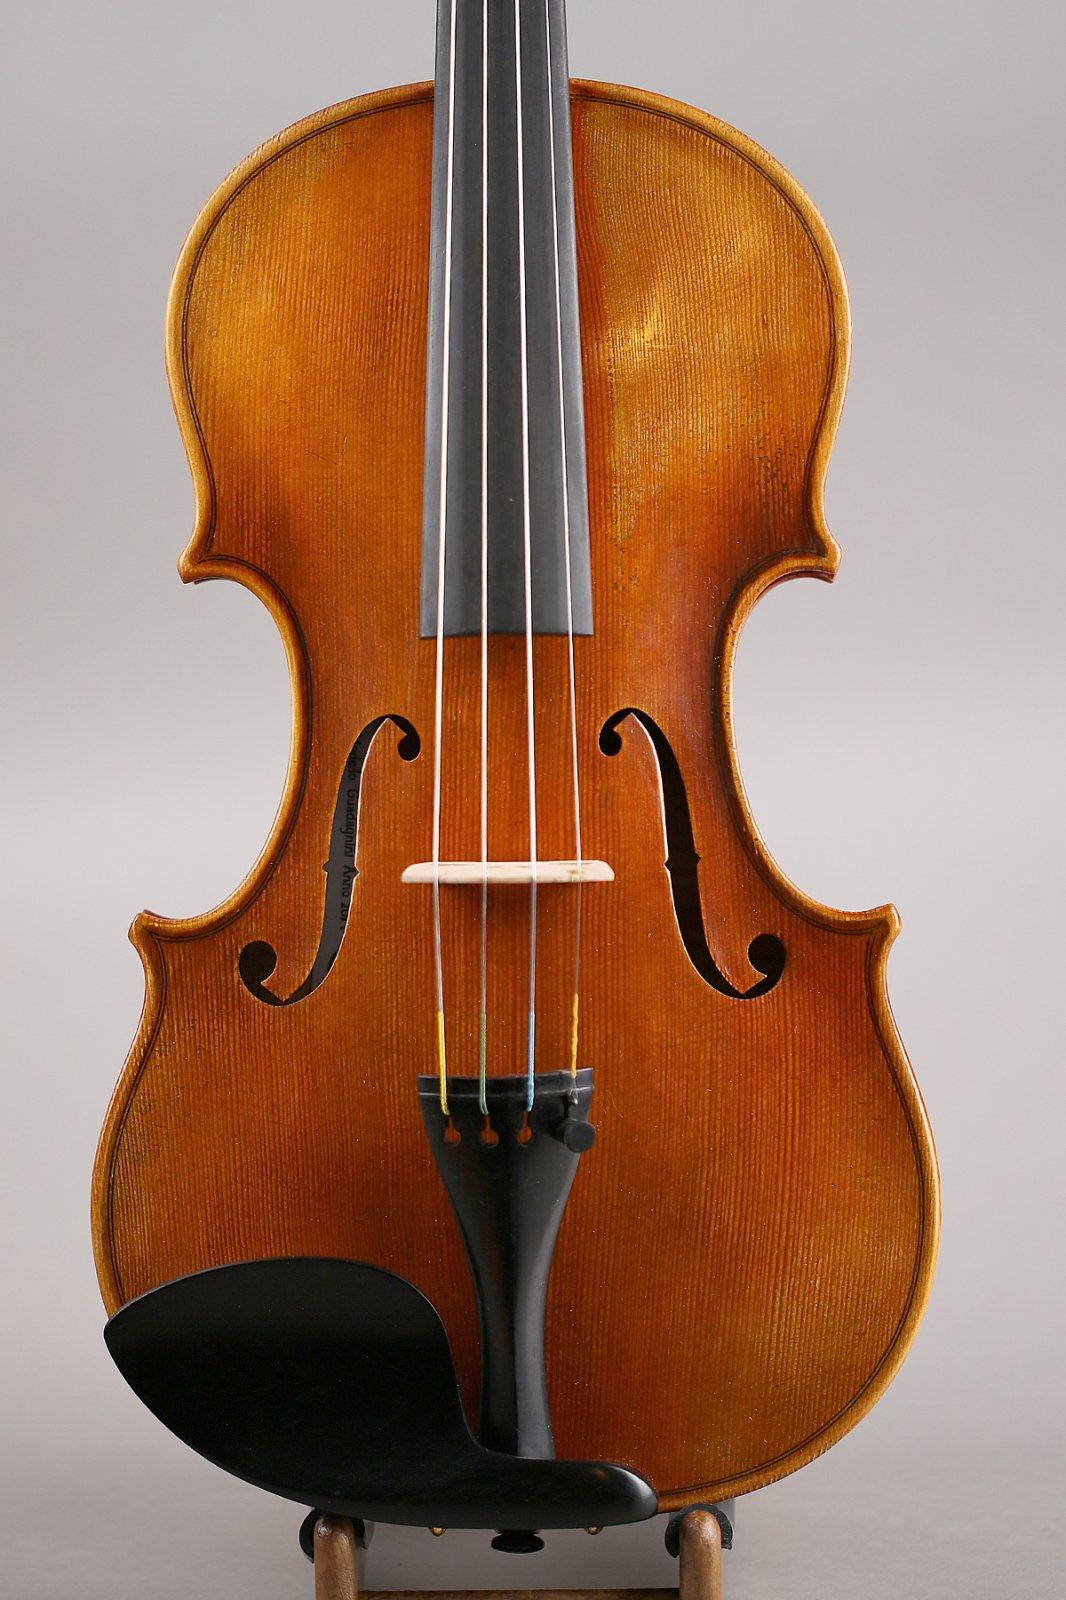 Guadagnini Replica Violin